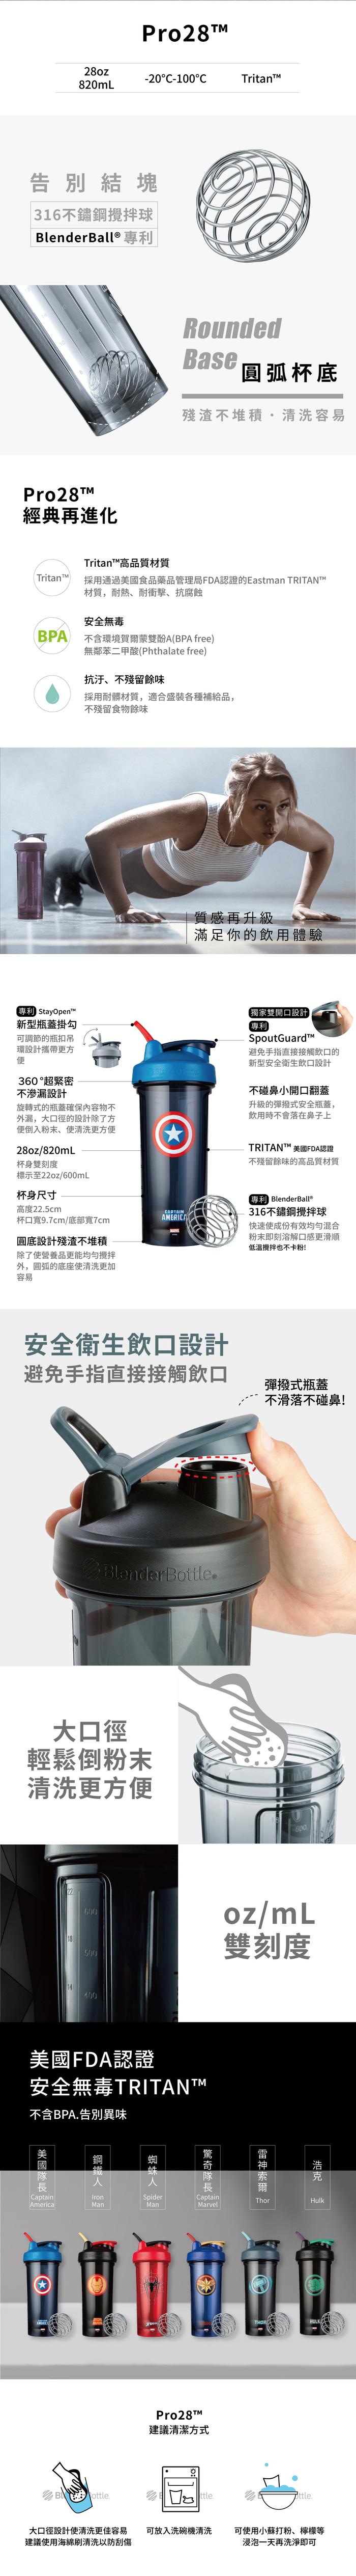 Blender Bottle|《Pro28系列》Marvel特別版Tritan搖搖杯28oz